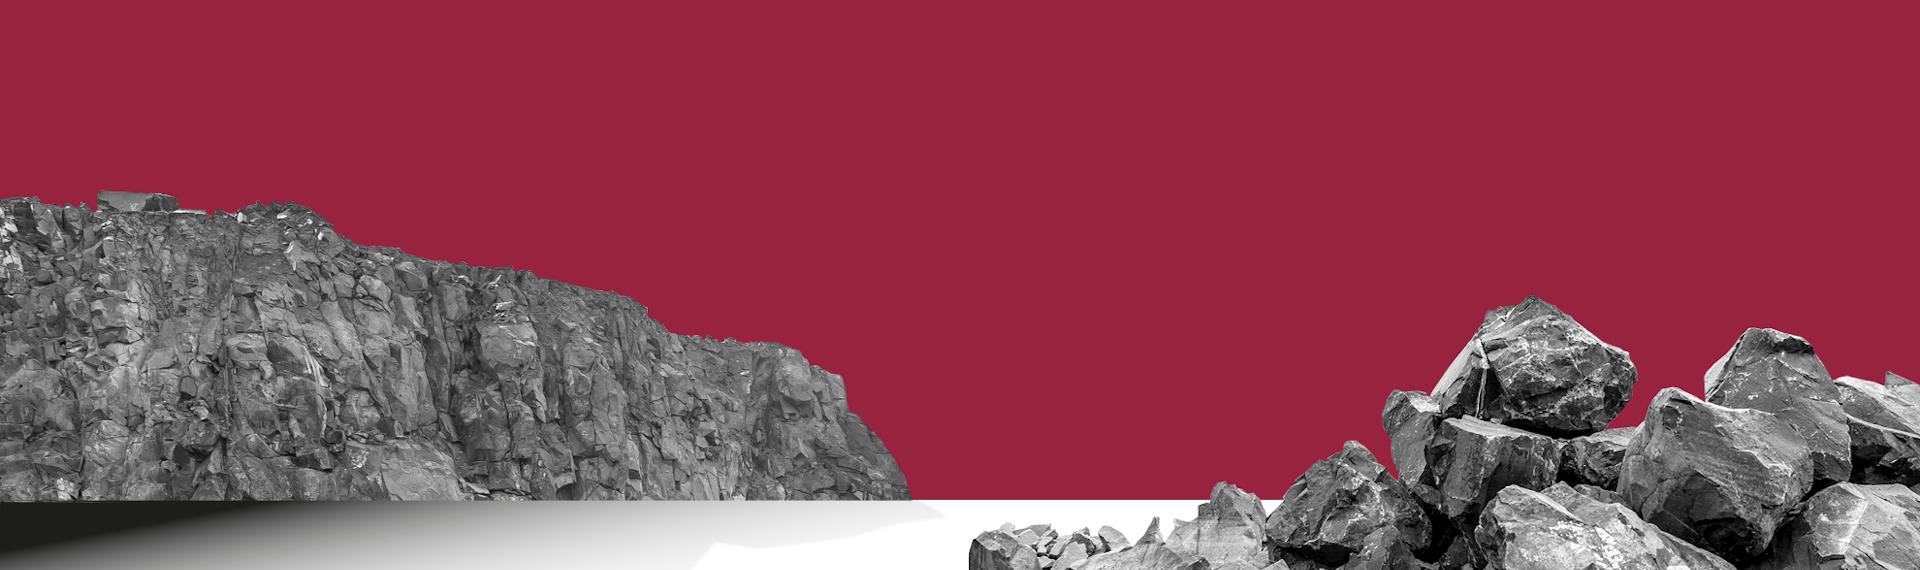 붉은색 배경에 있는 암석